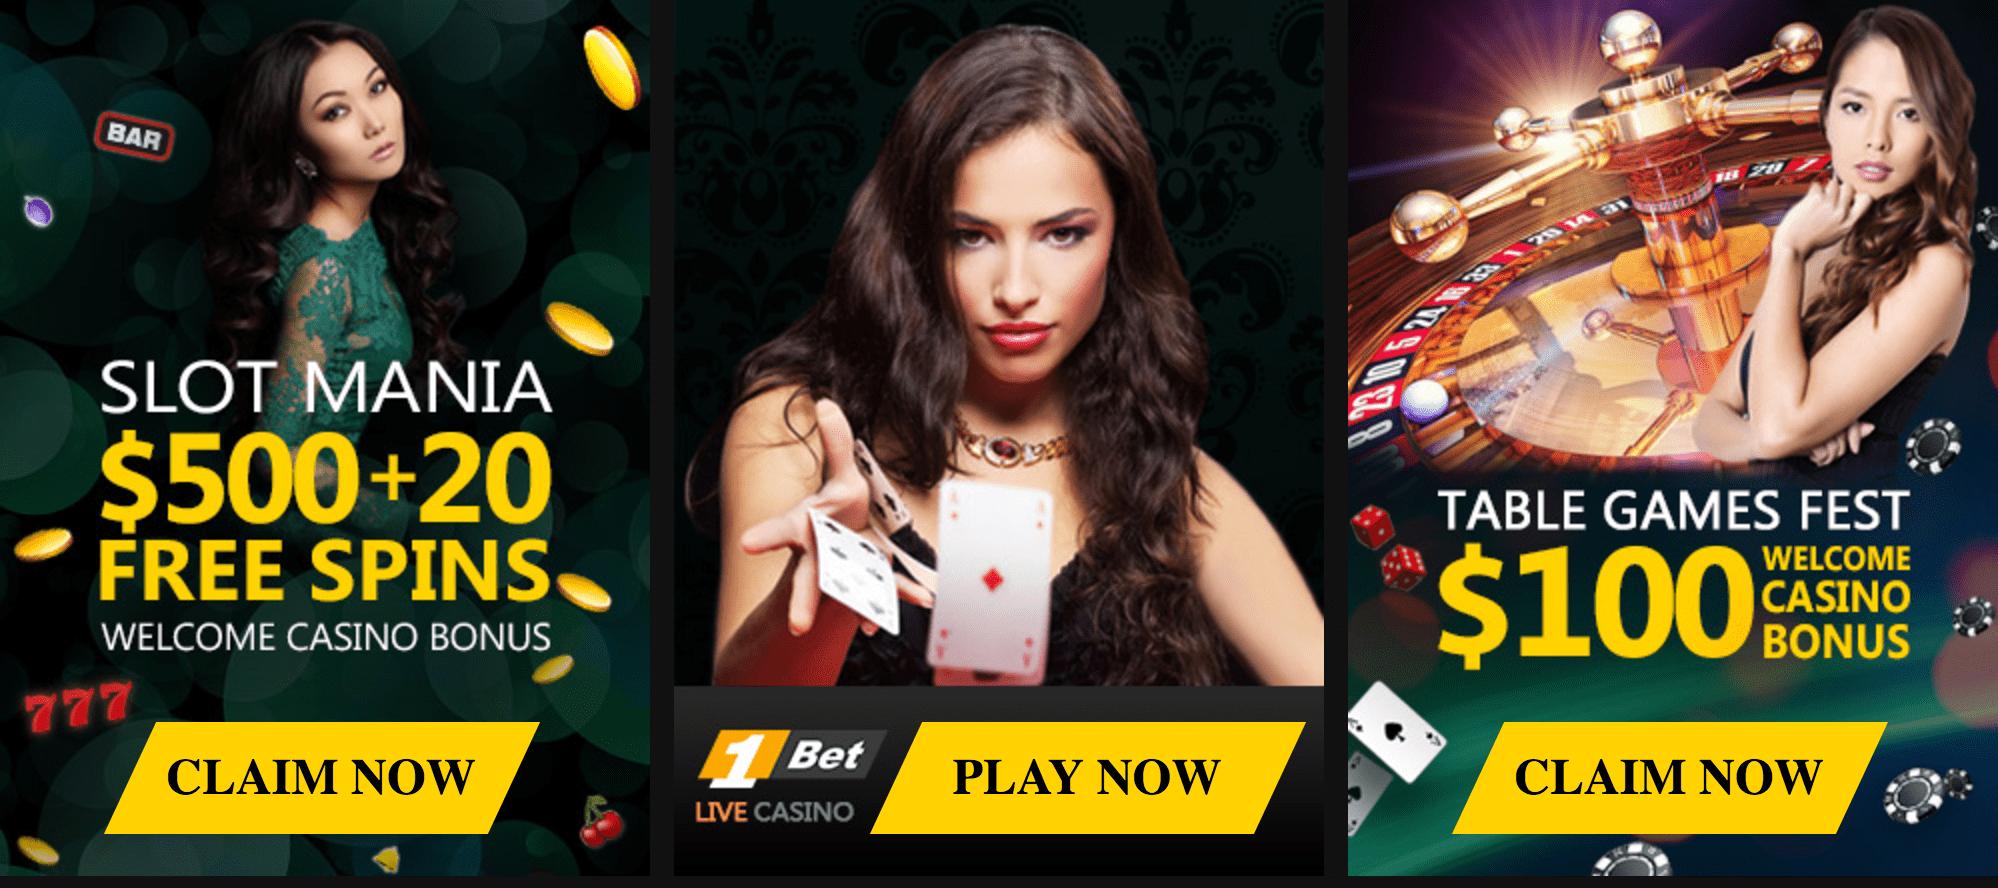 Promozioni e bonus 1Bet Casino